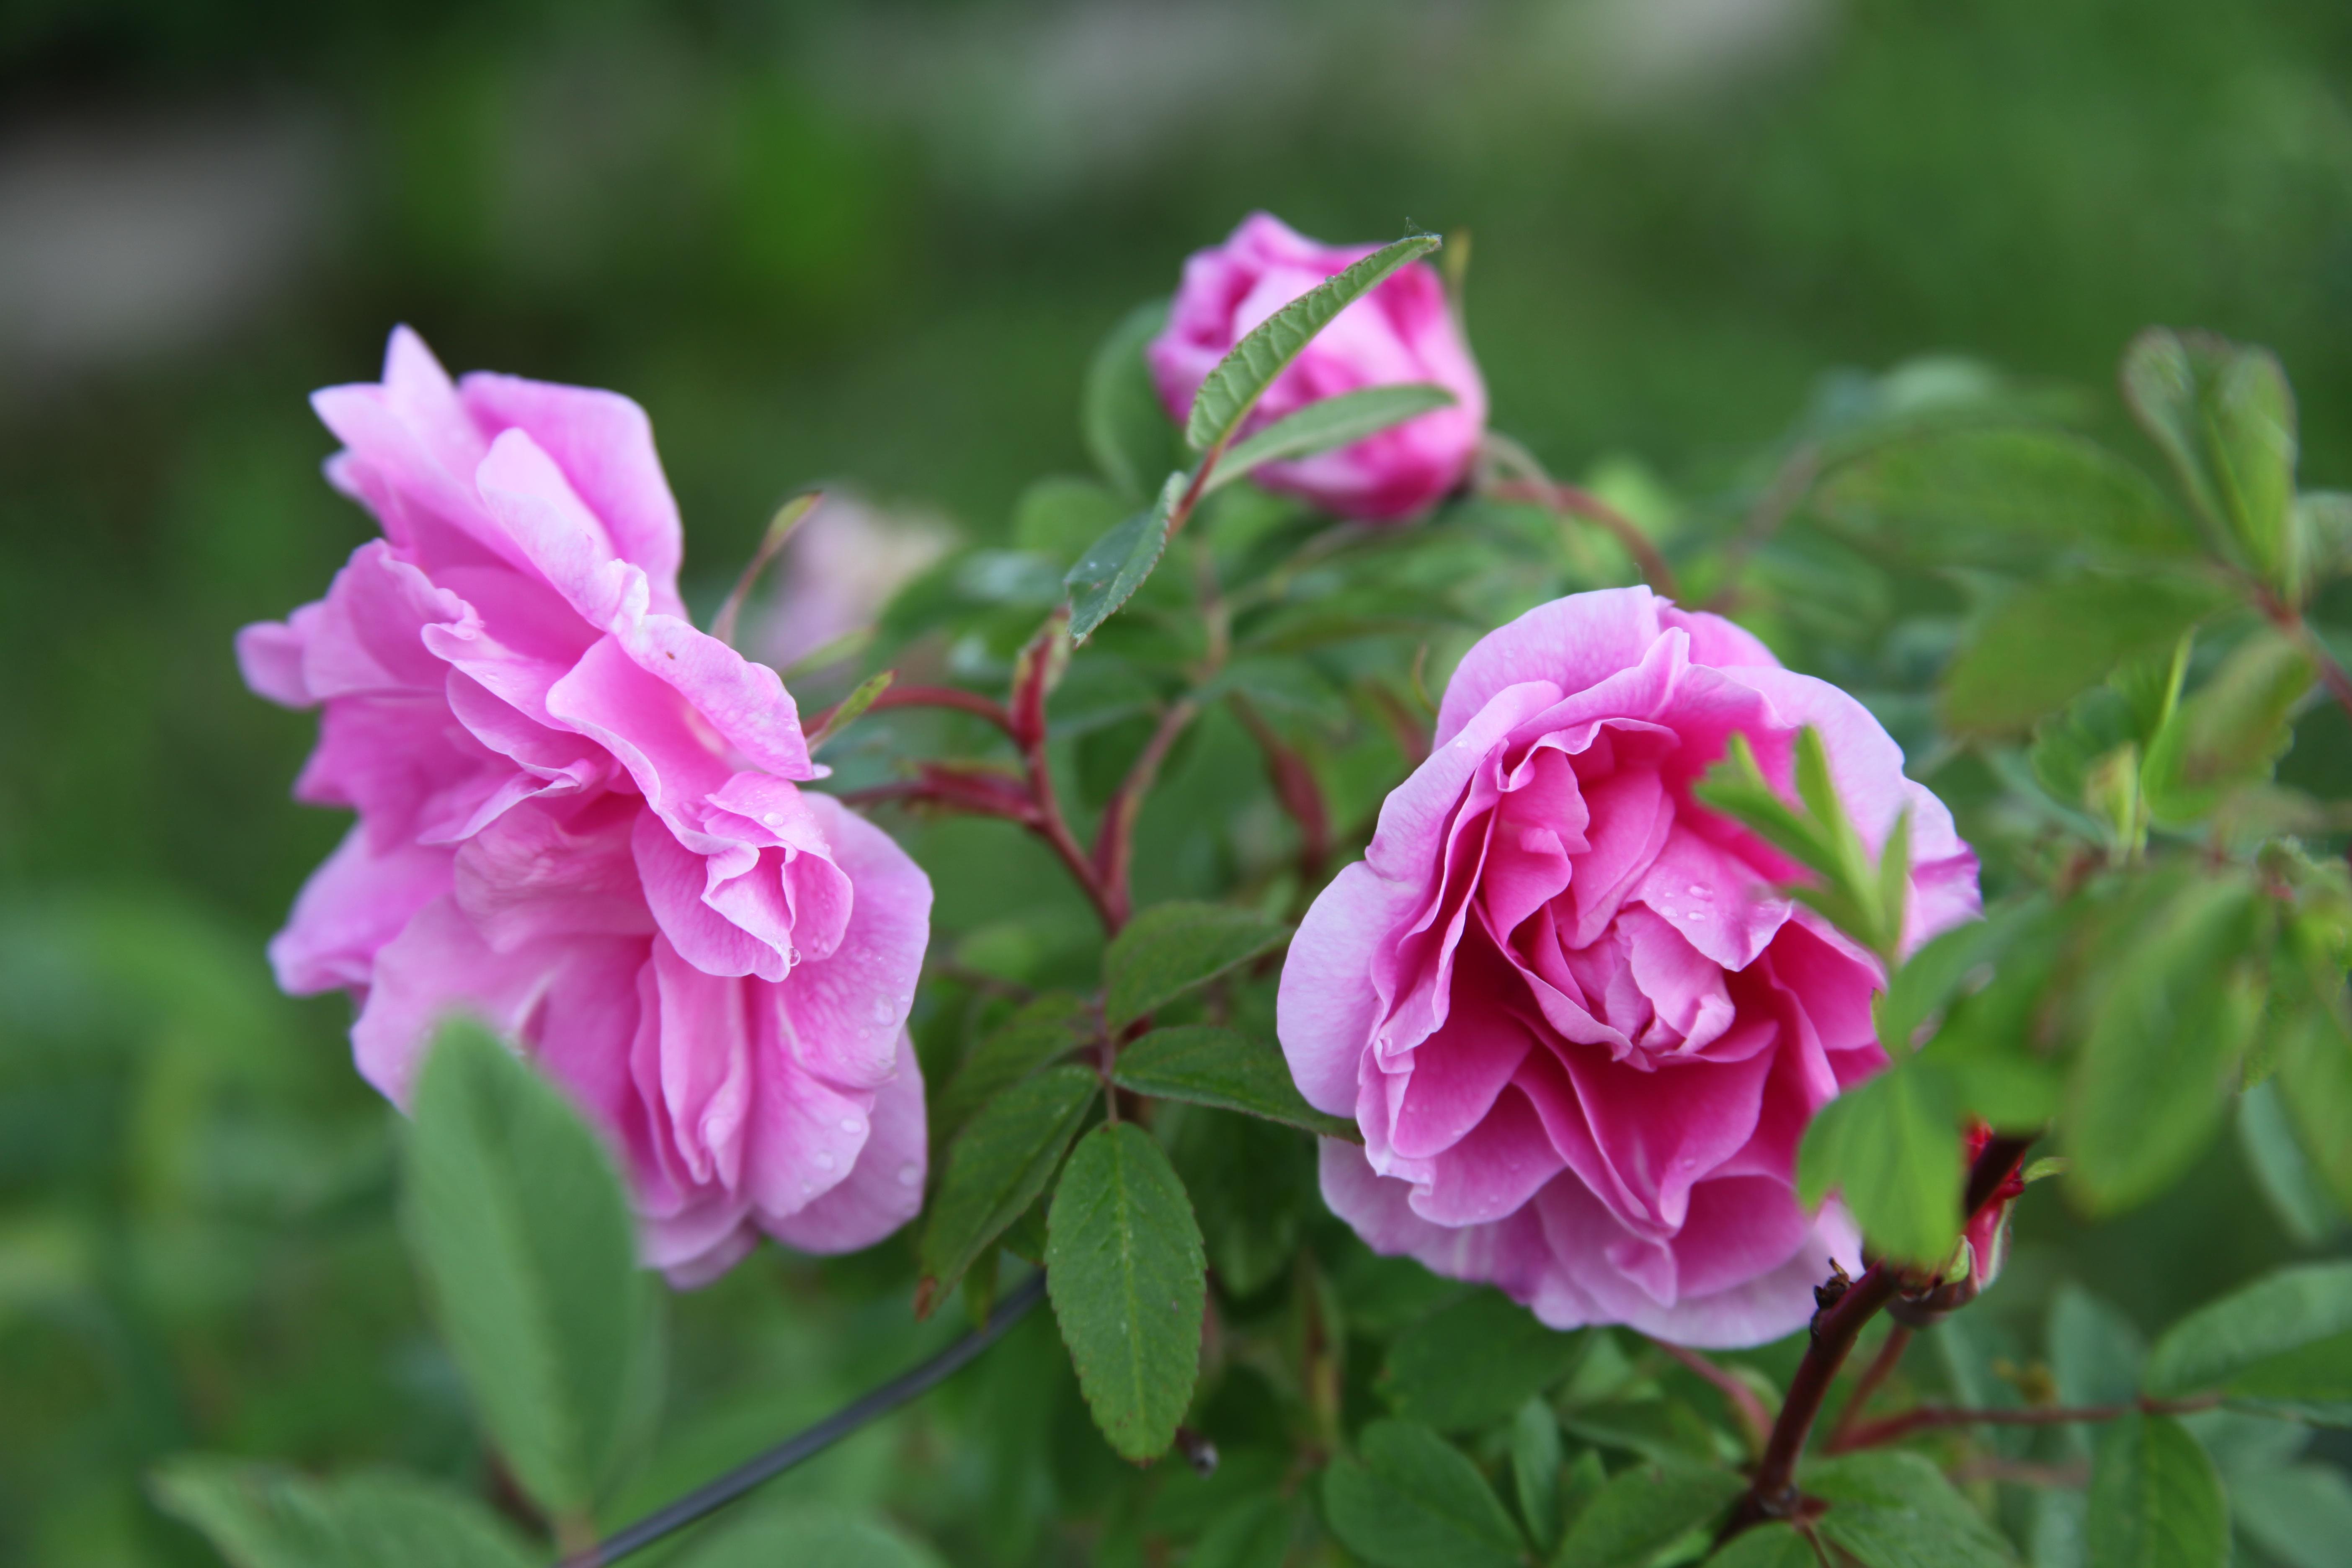 Une grande saison commence pour les rosiers dans les jardins de la Bigotie